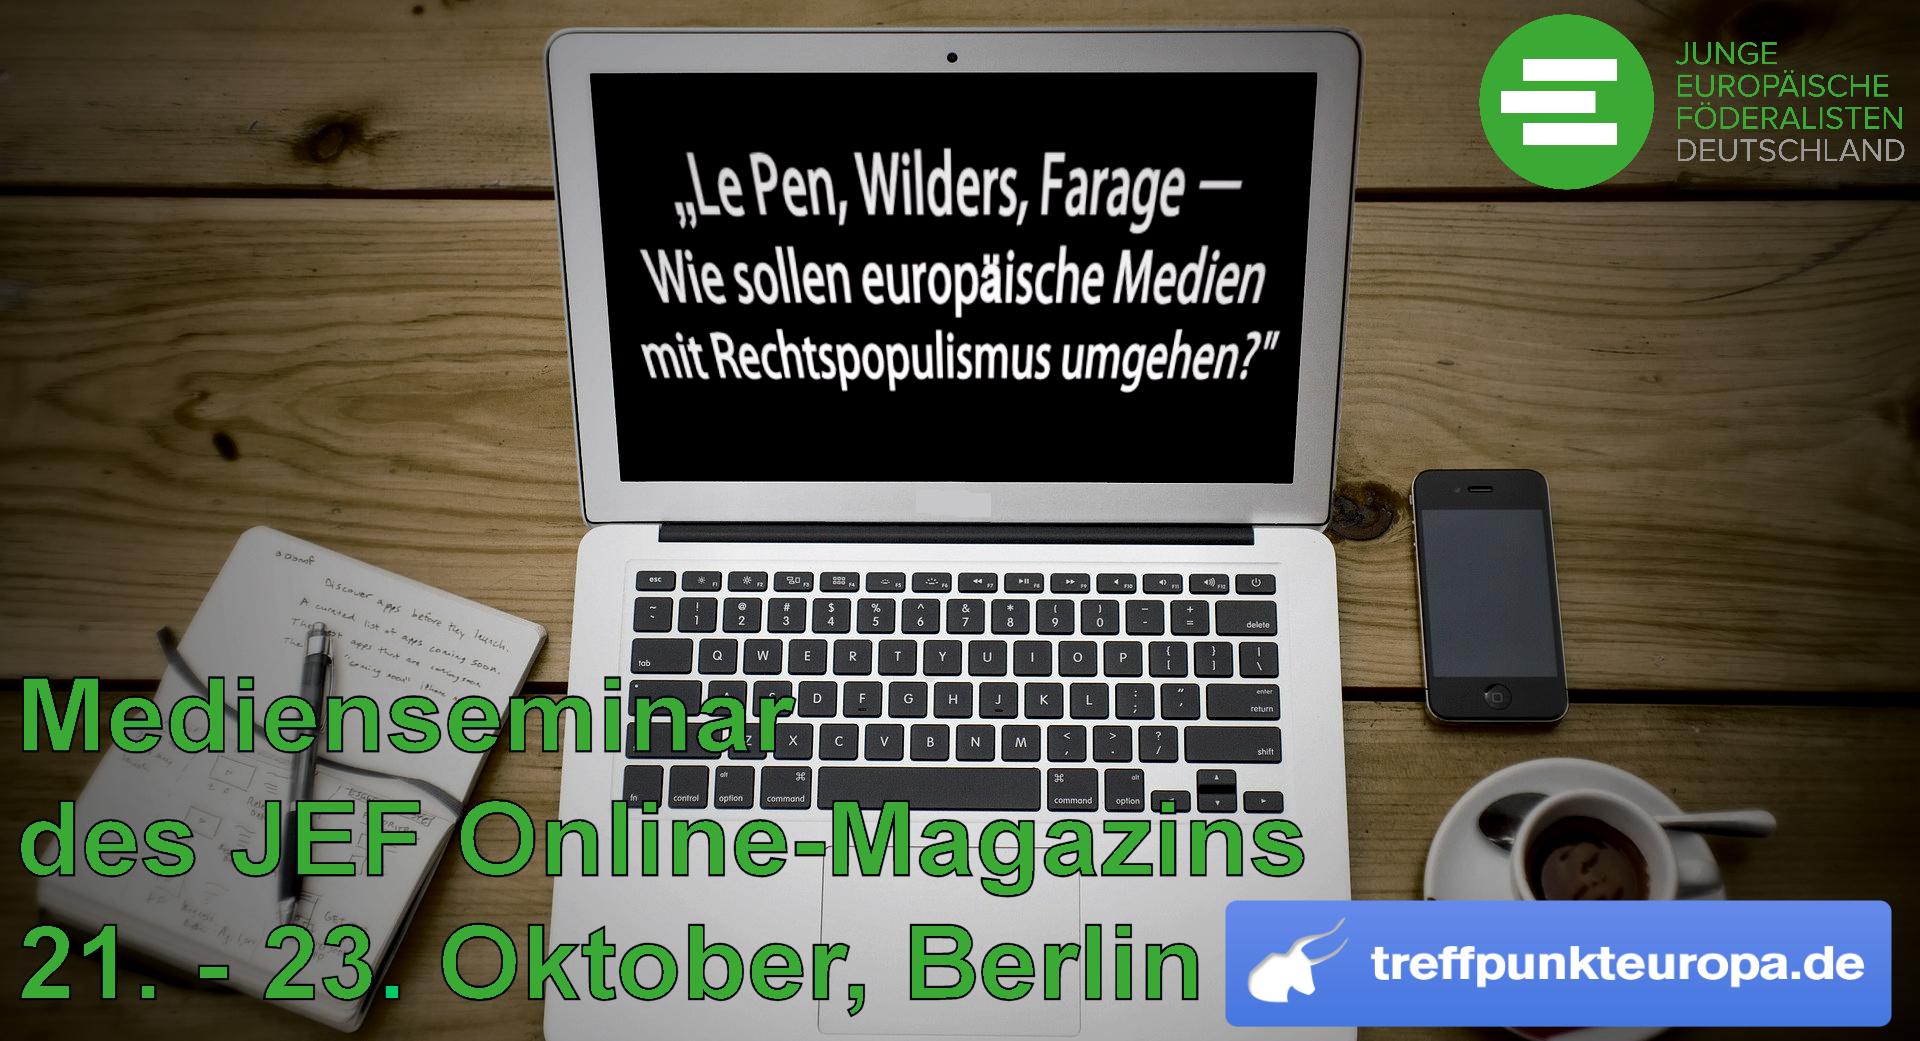 Jetzt anmelden zum Medienseminar der JEF und Treffpunkt Europa!